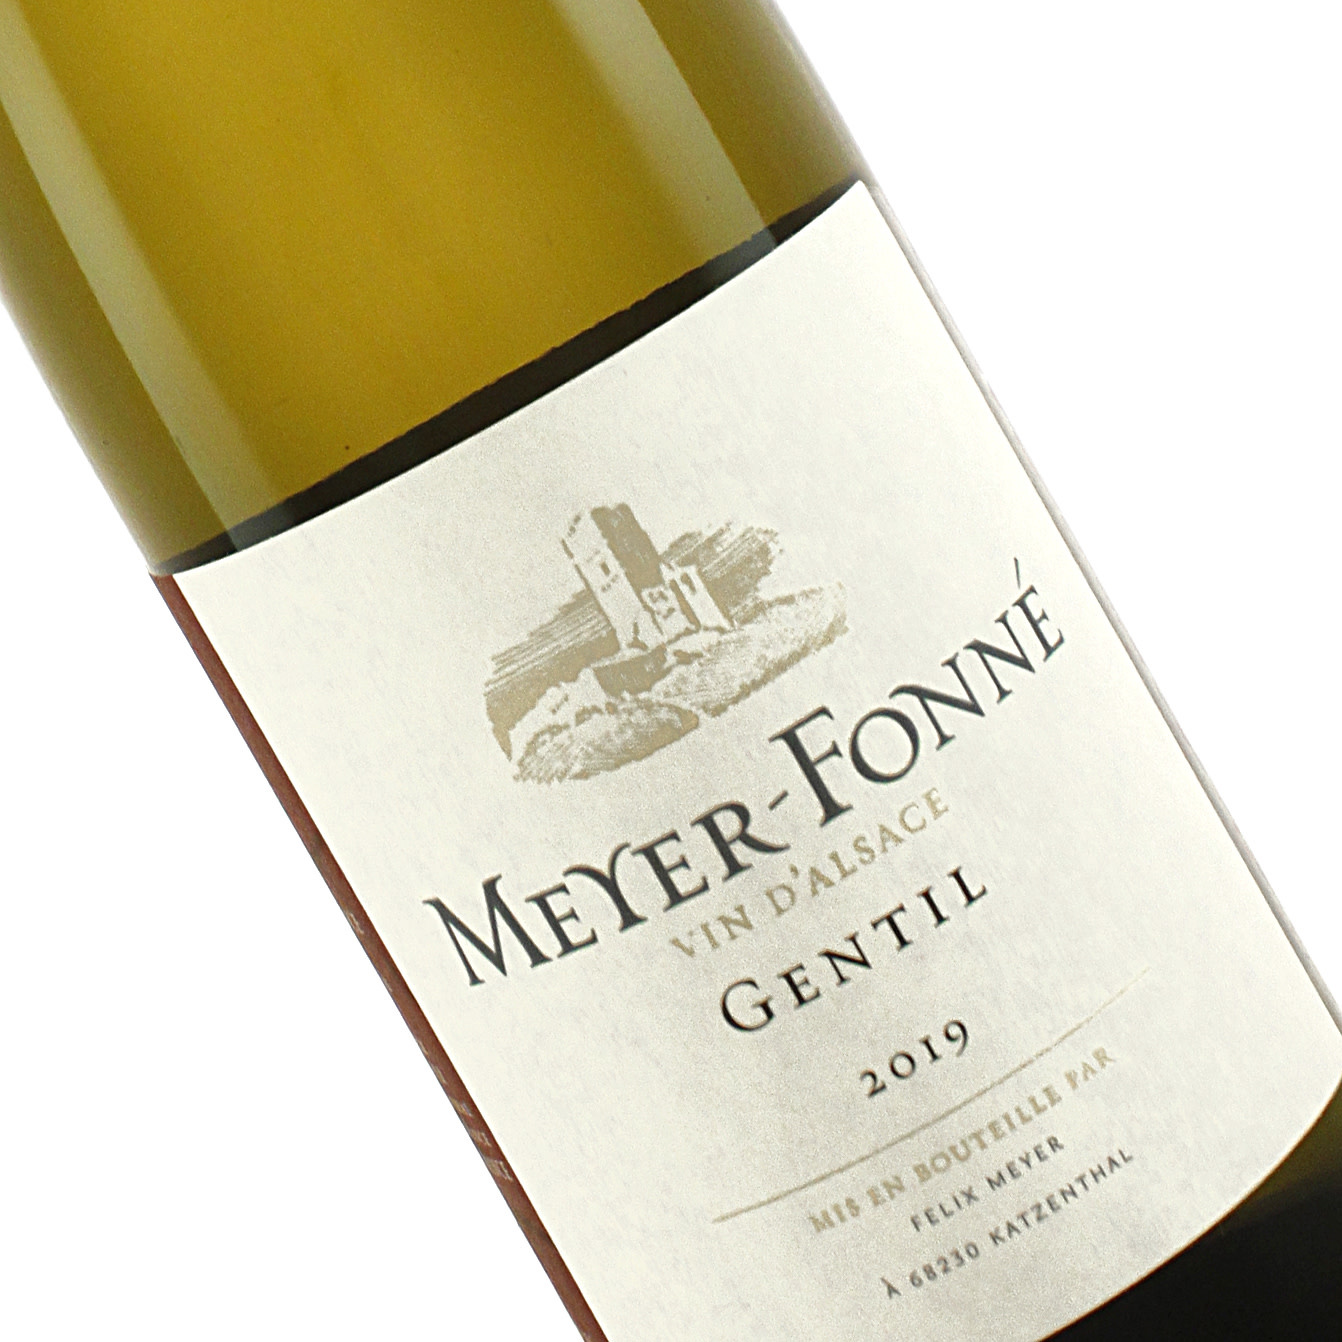 Meyer-Fonne 2019 Gentil  Alsace